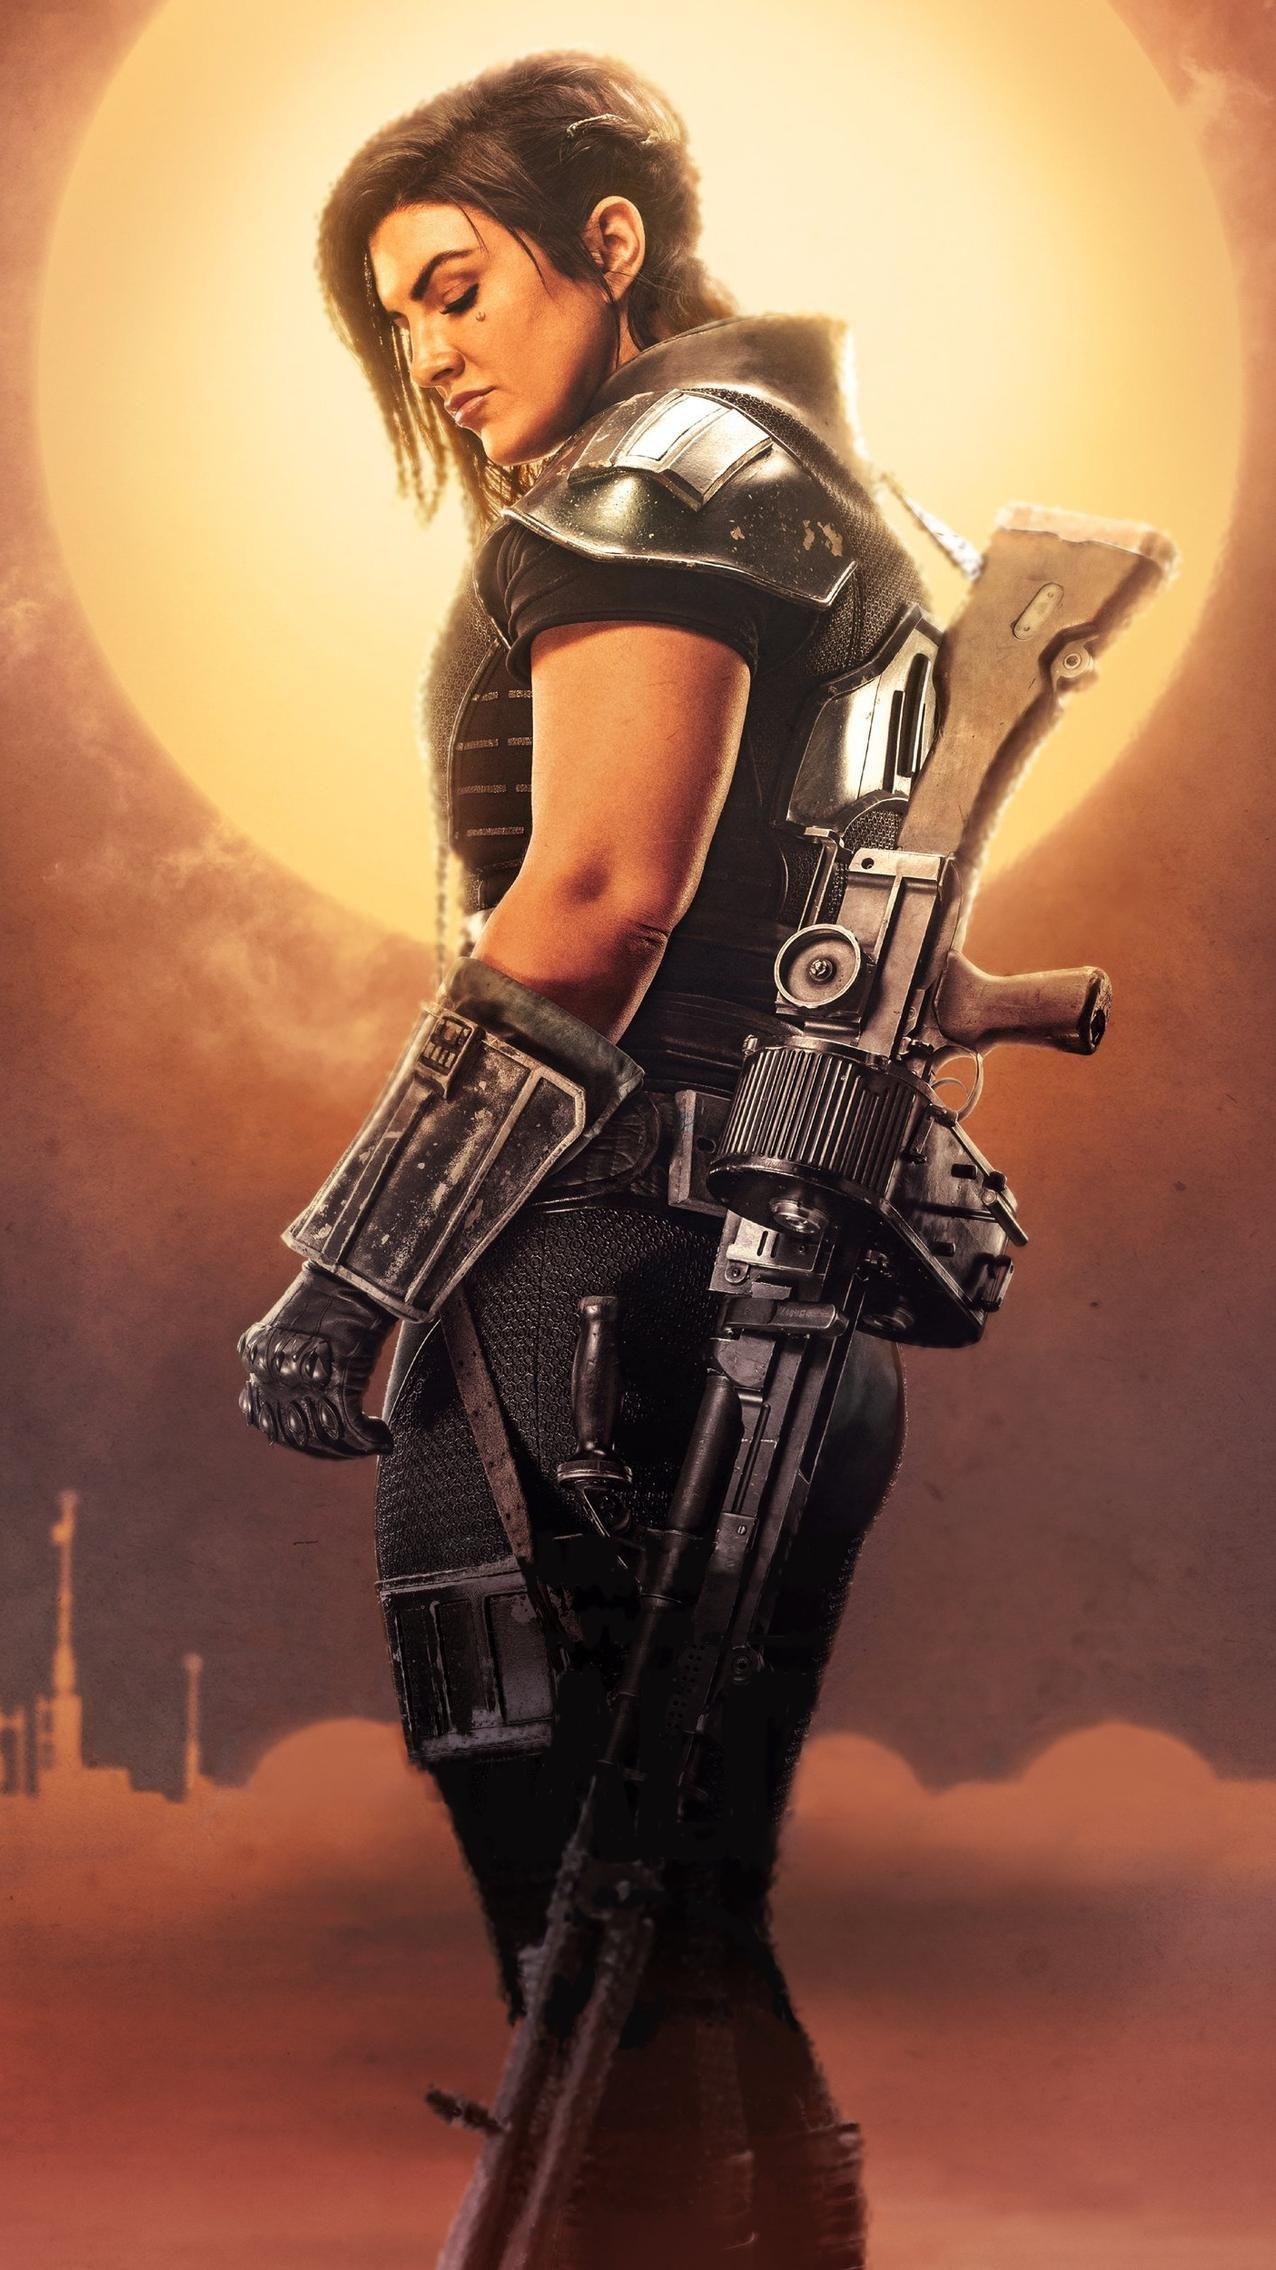 The Mandalorian Phone Wallpaper Moviemania In 2020 Cara Dune Star Wars Images Star Wars Women